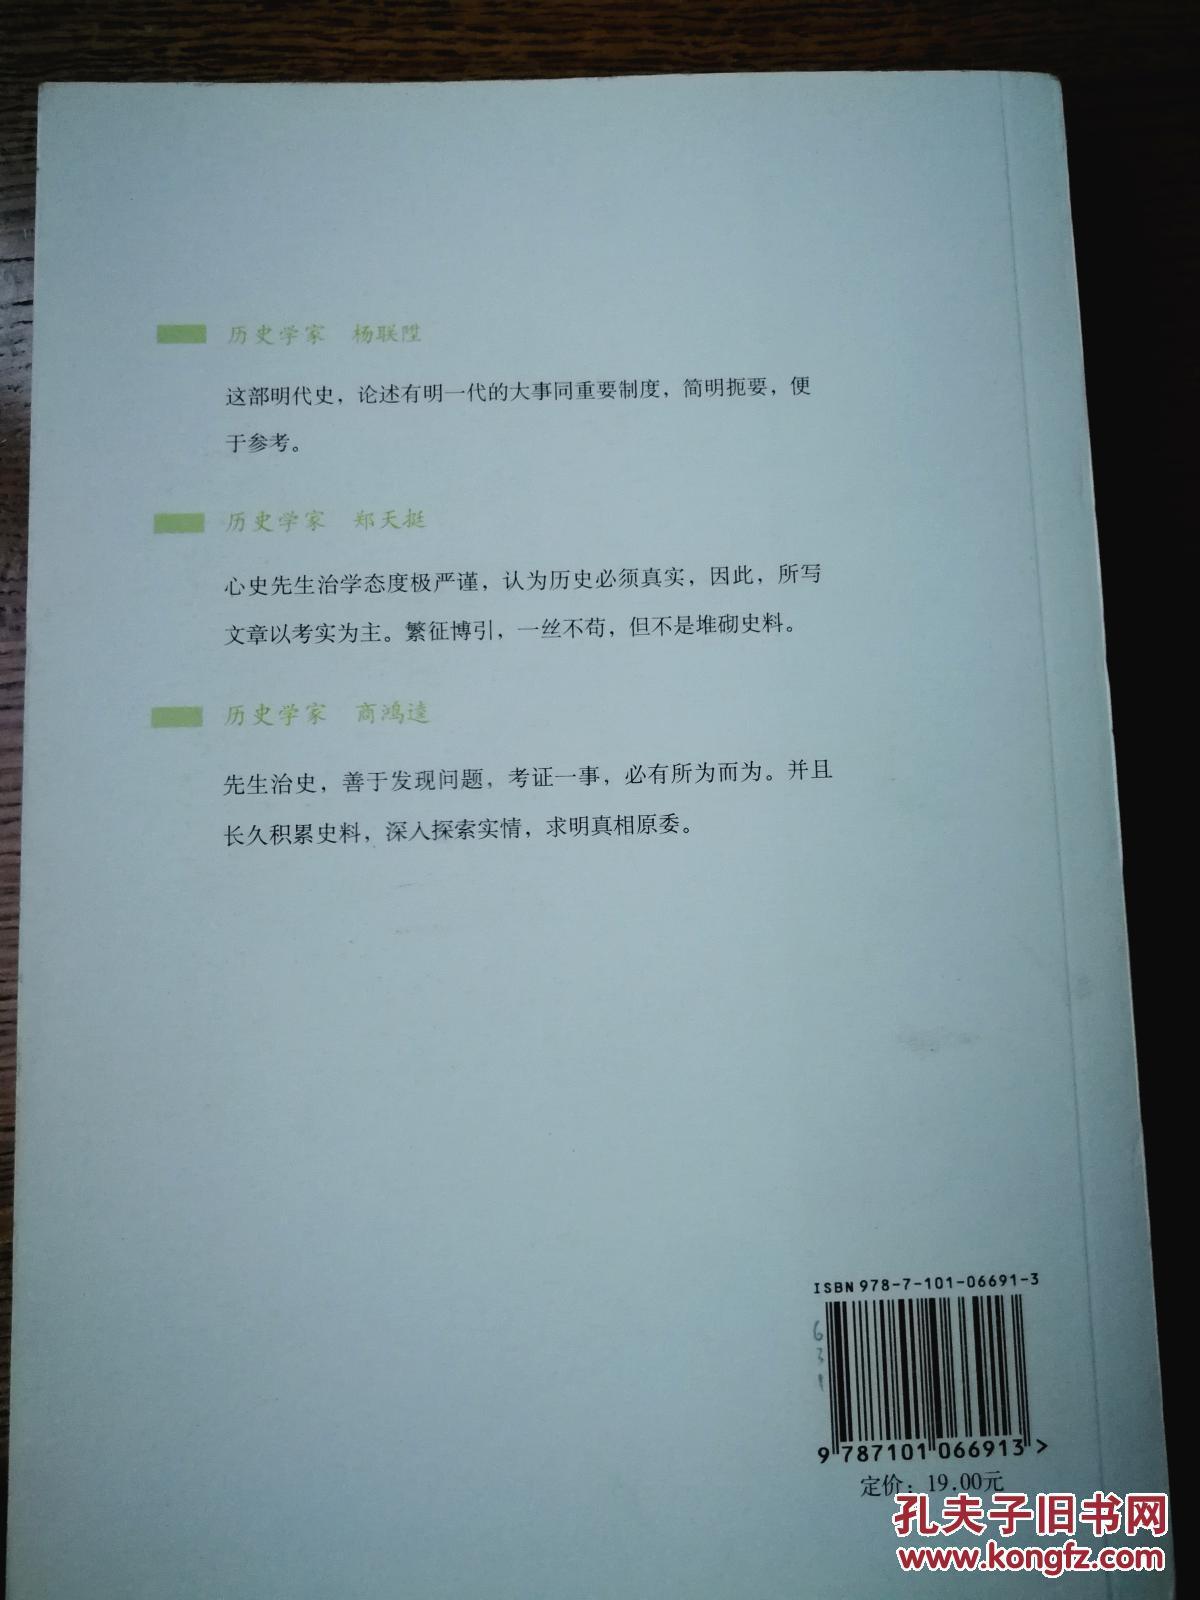 明史讲义_孟森_孔夫子旧书网图片